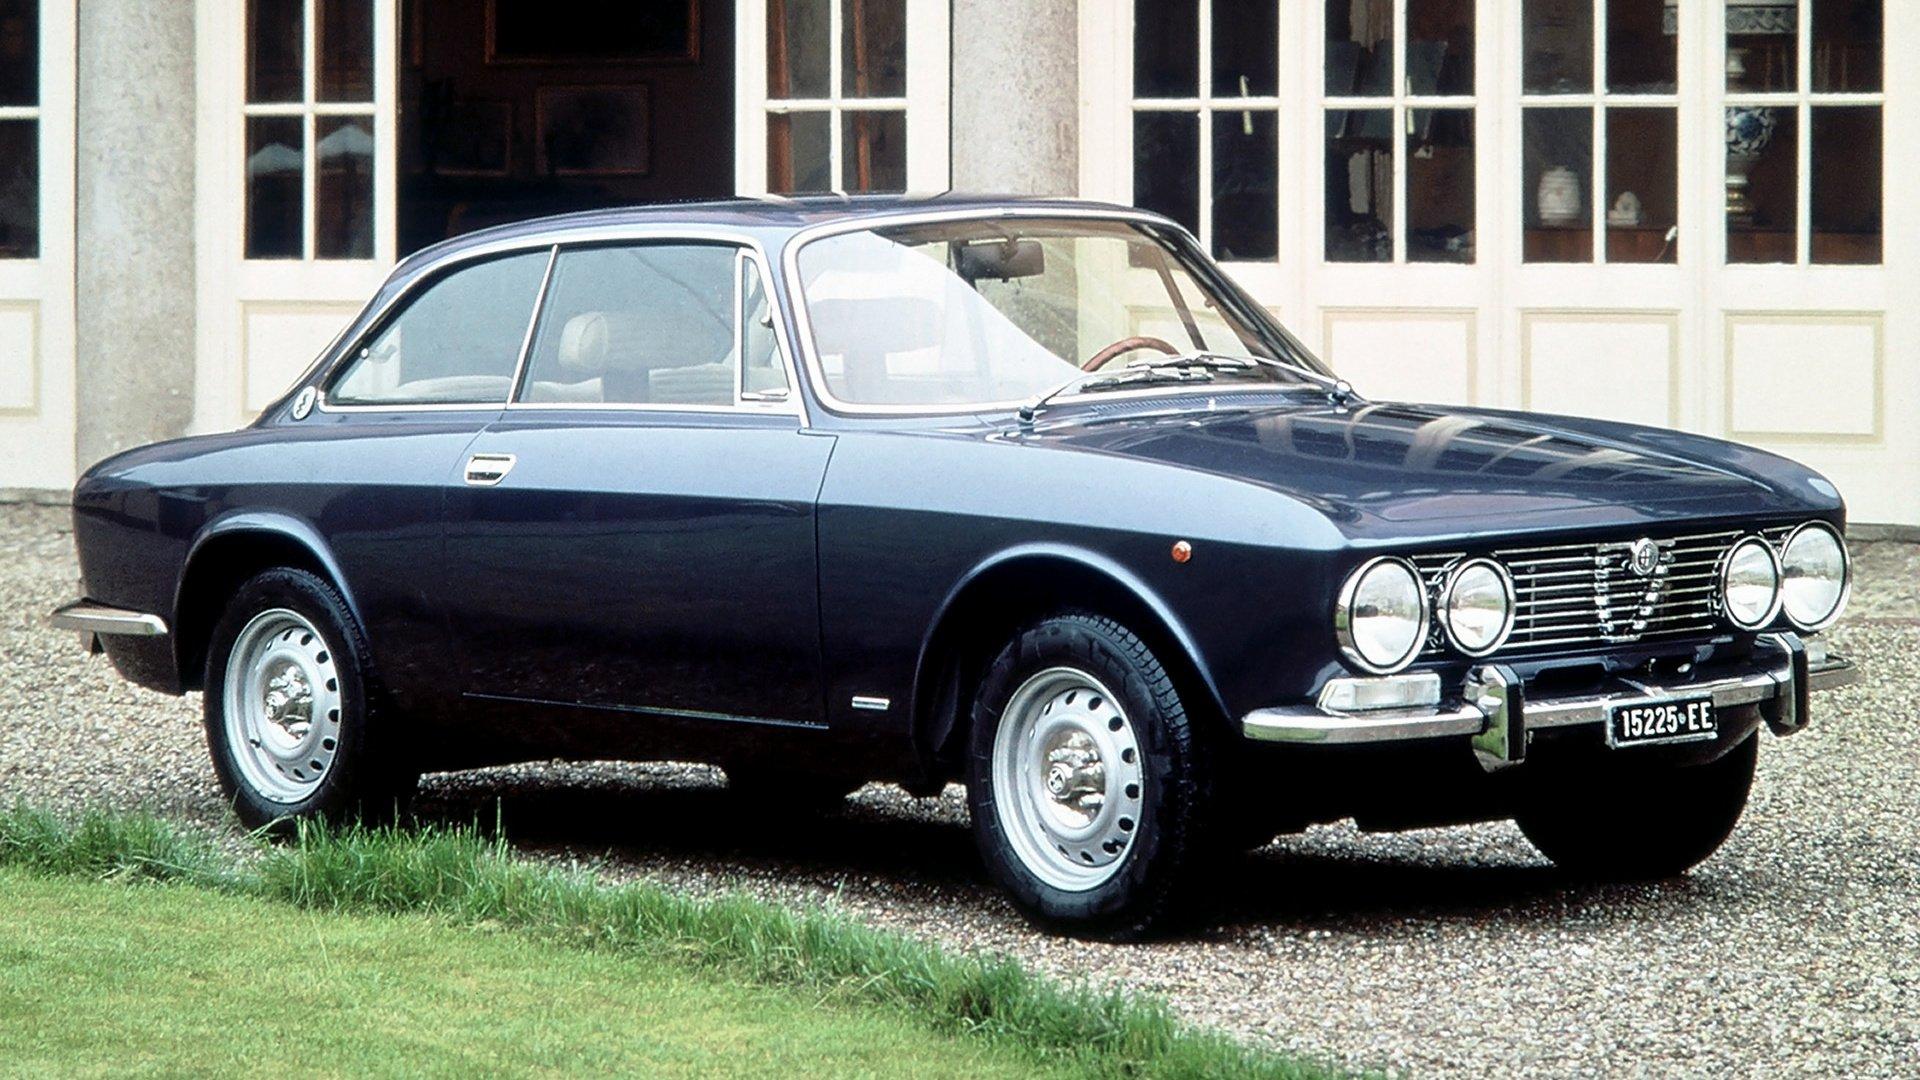 1971 Alfa Romeo 2000 Gt Veloce Papel De Parede Hd Plano De Fundo 1920x1080 Id 960452 Wallpaper Abyss